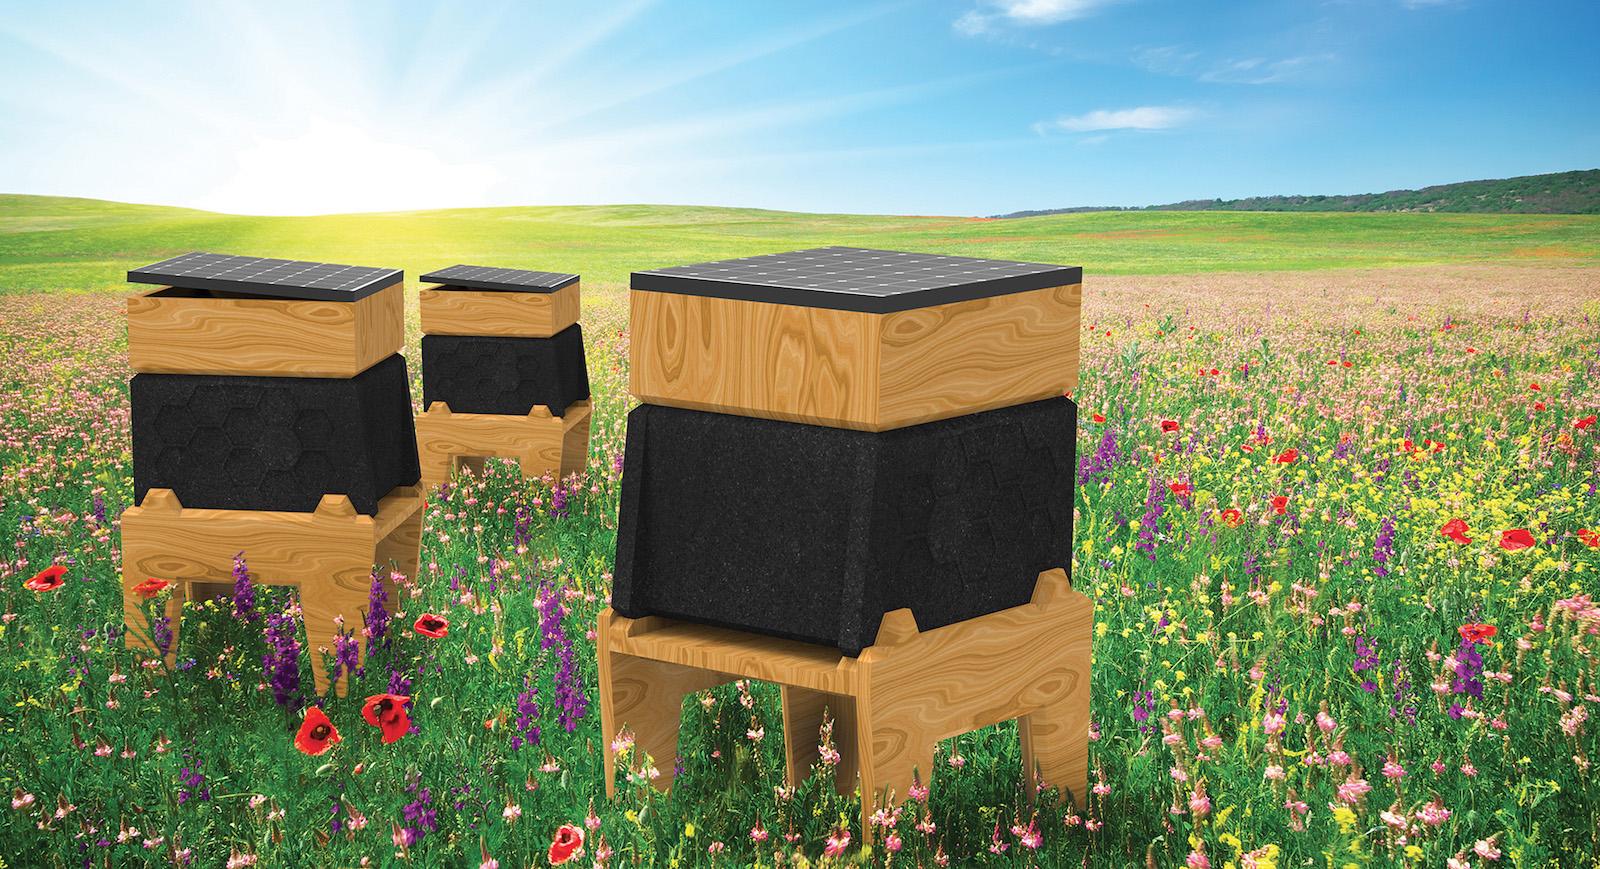 Včelí úl CoCoon dokáže ochránit včely od parazitů